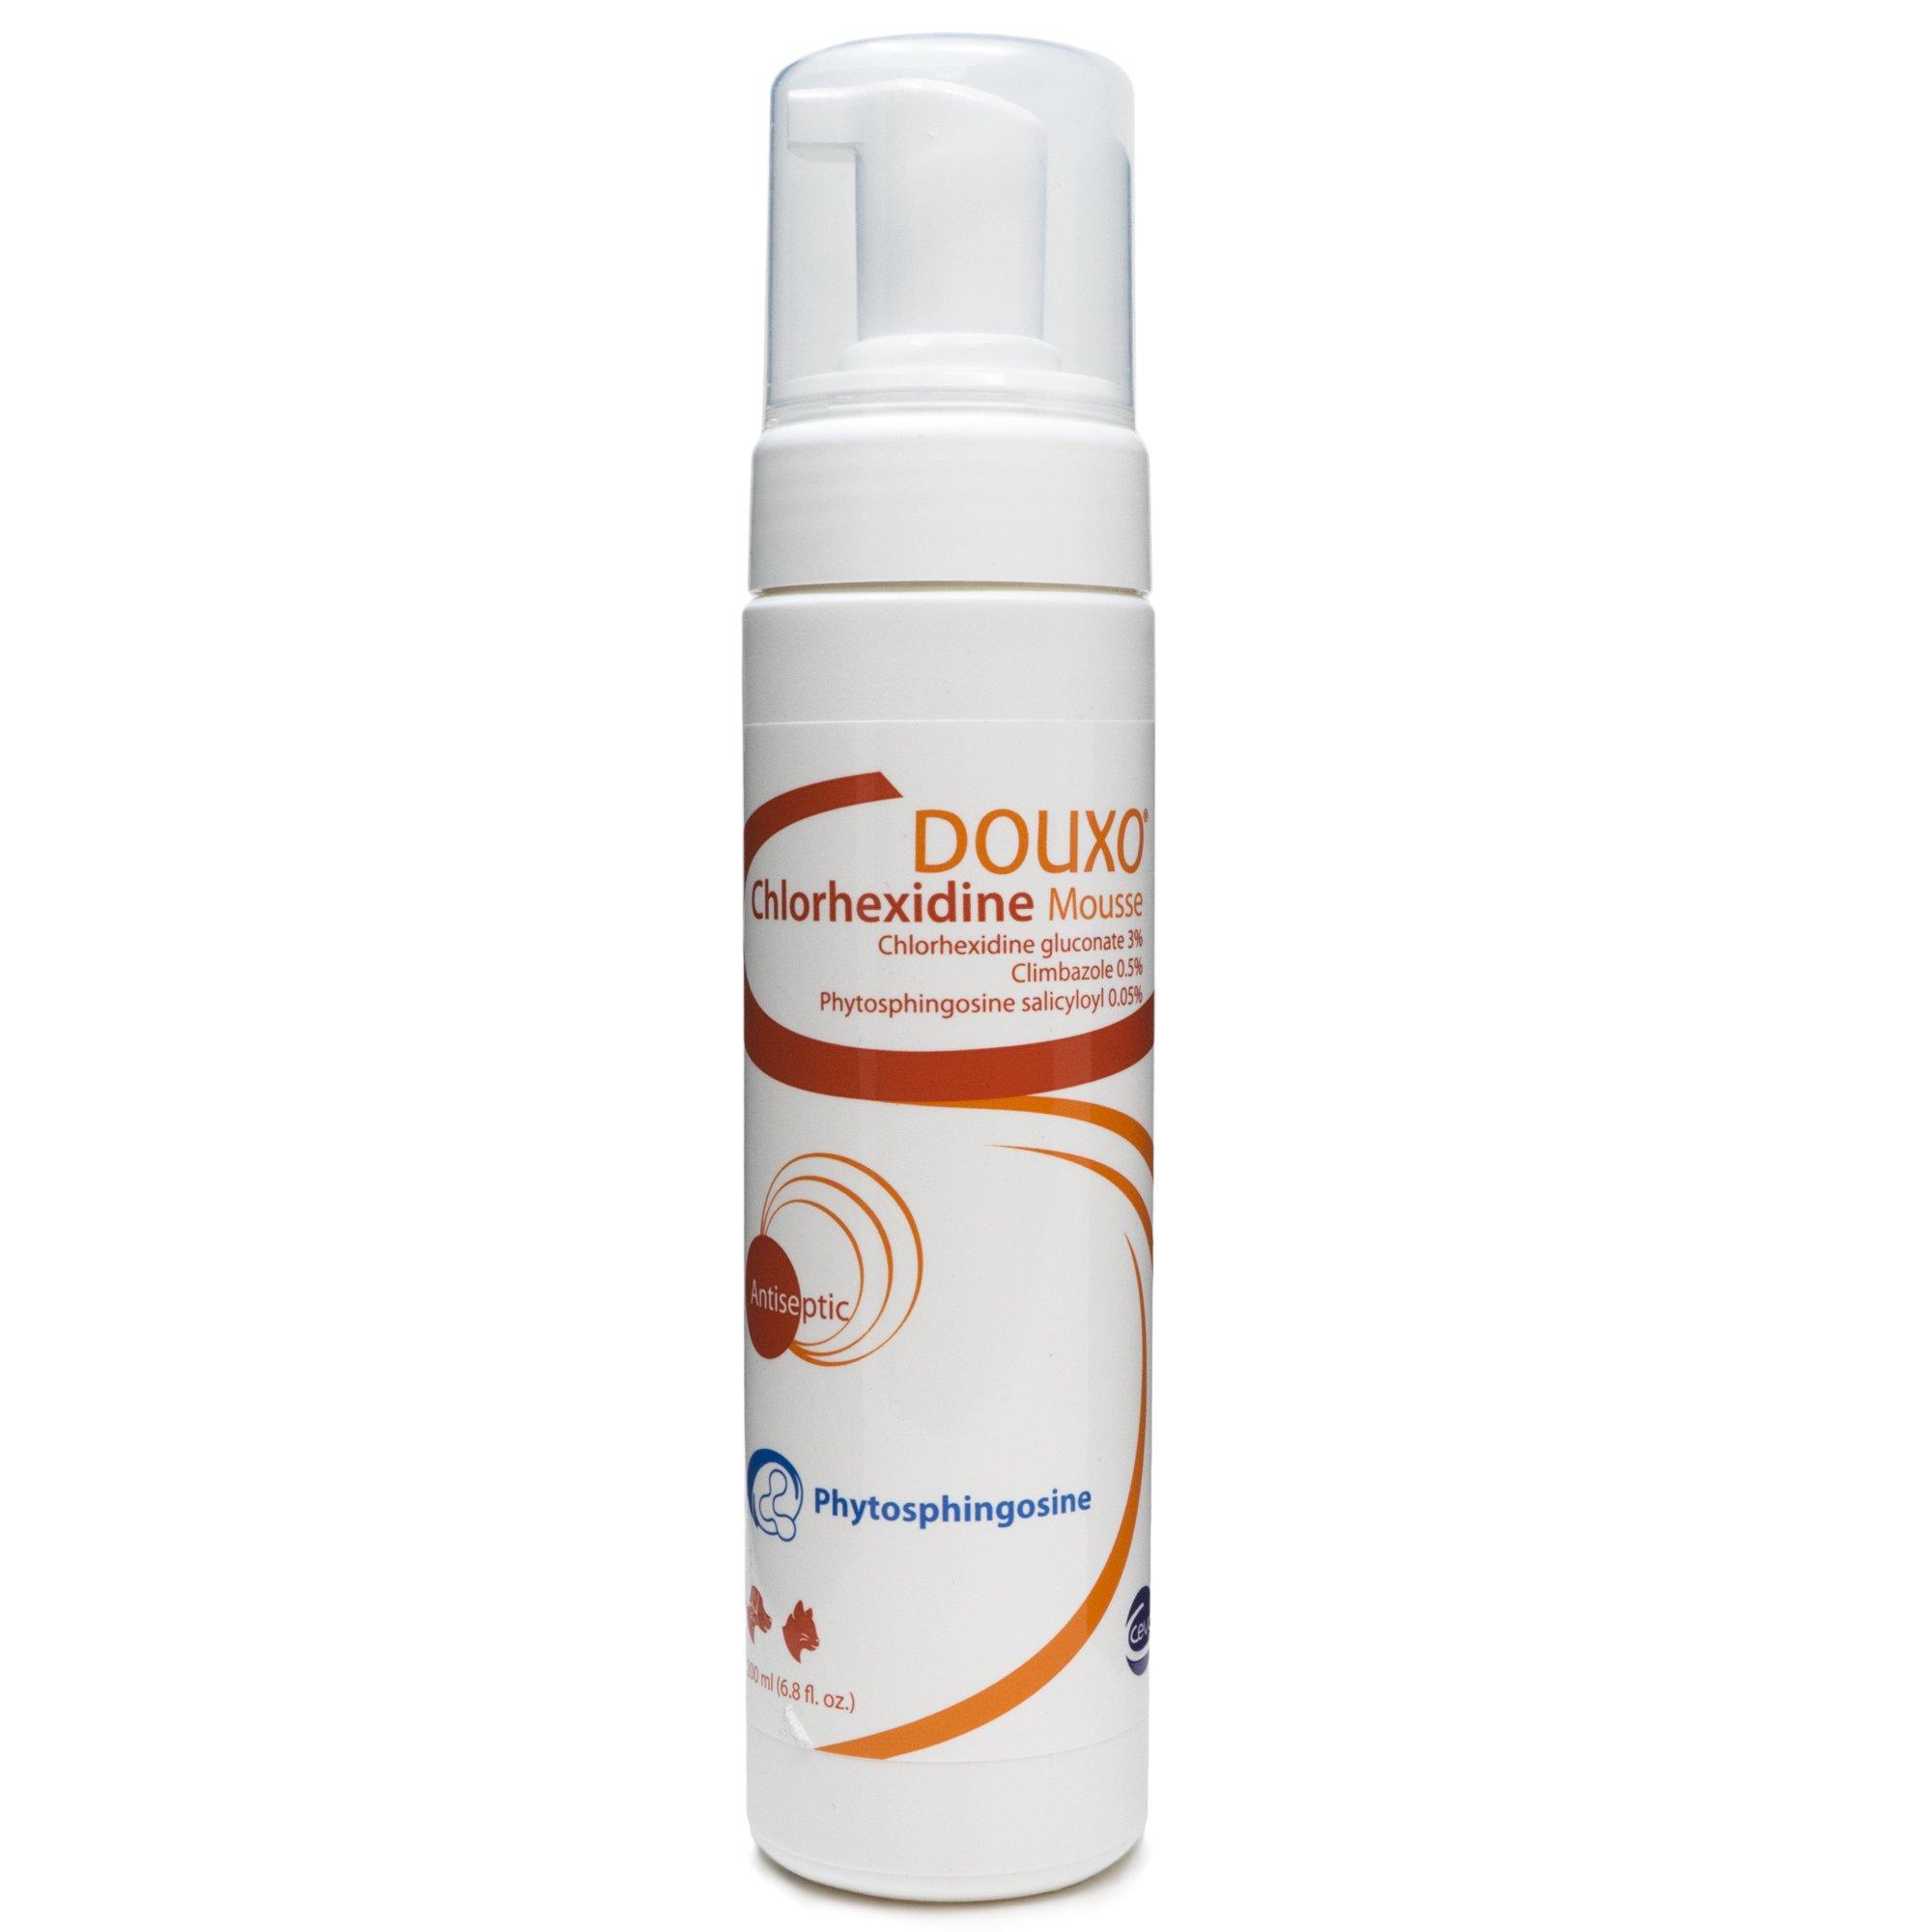 Ceva DOU07146 Douxo Chlorhexidine Ps + Climbazole Mousse, One Size